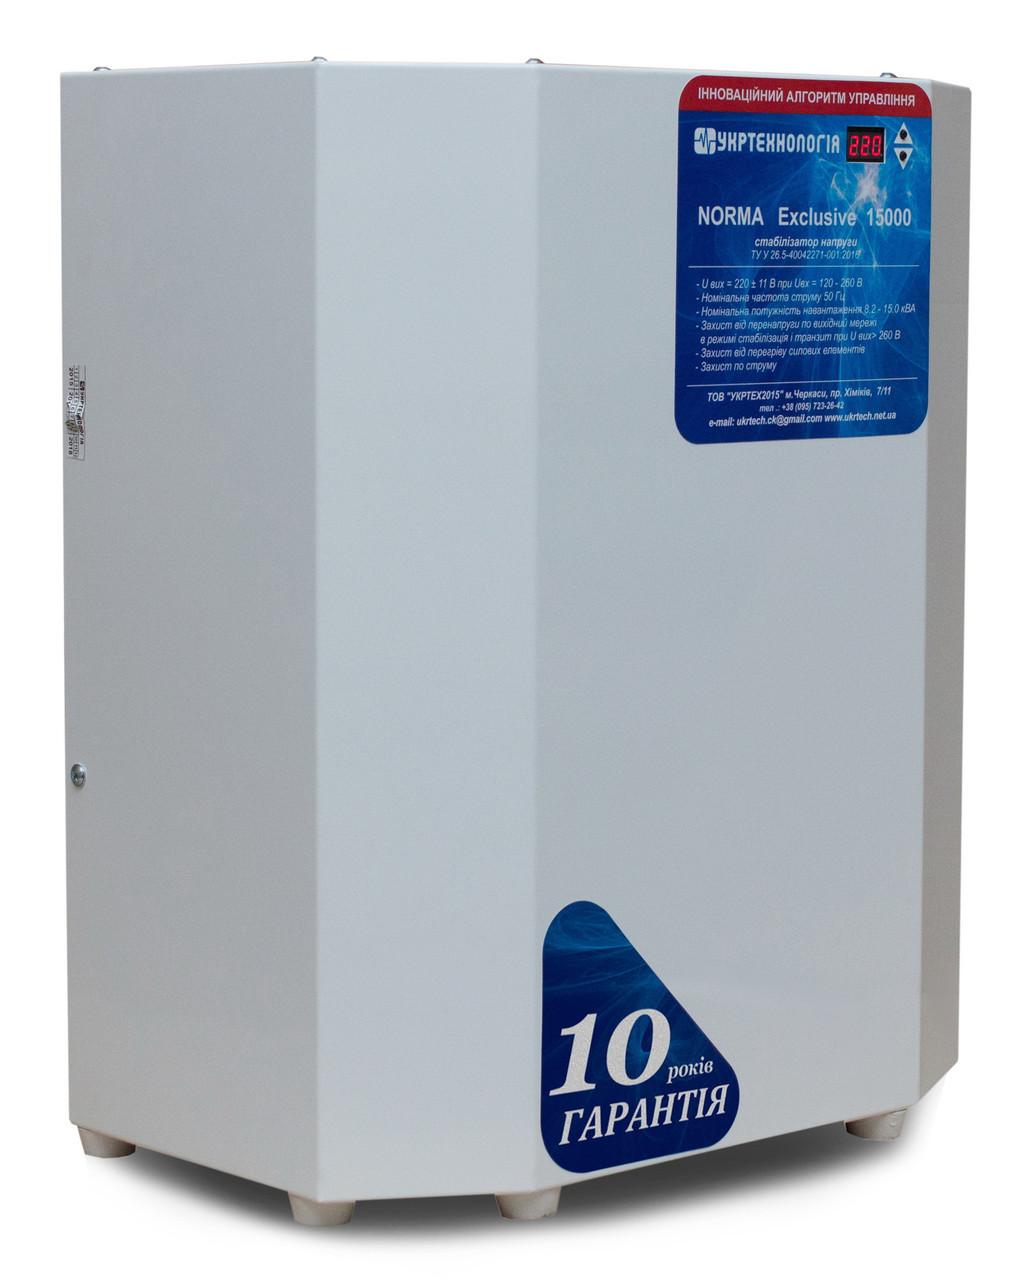 Стабилизатор напряжения Укртехнология Norma Exclusive НСН-20000 (100А)